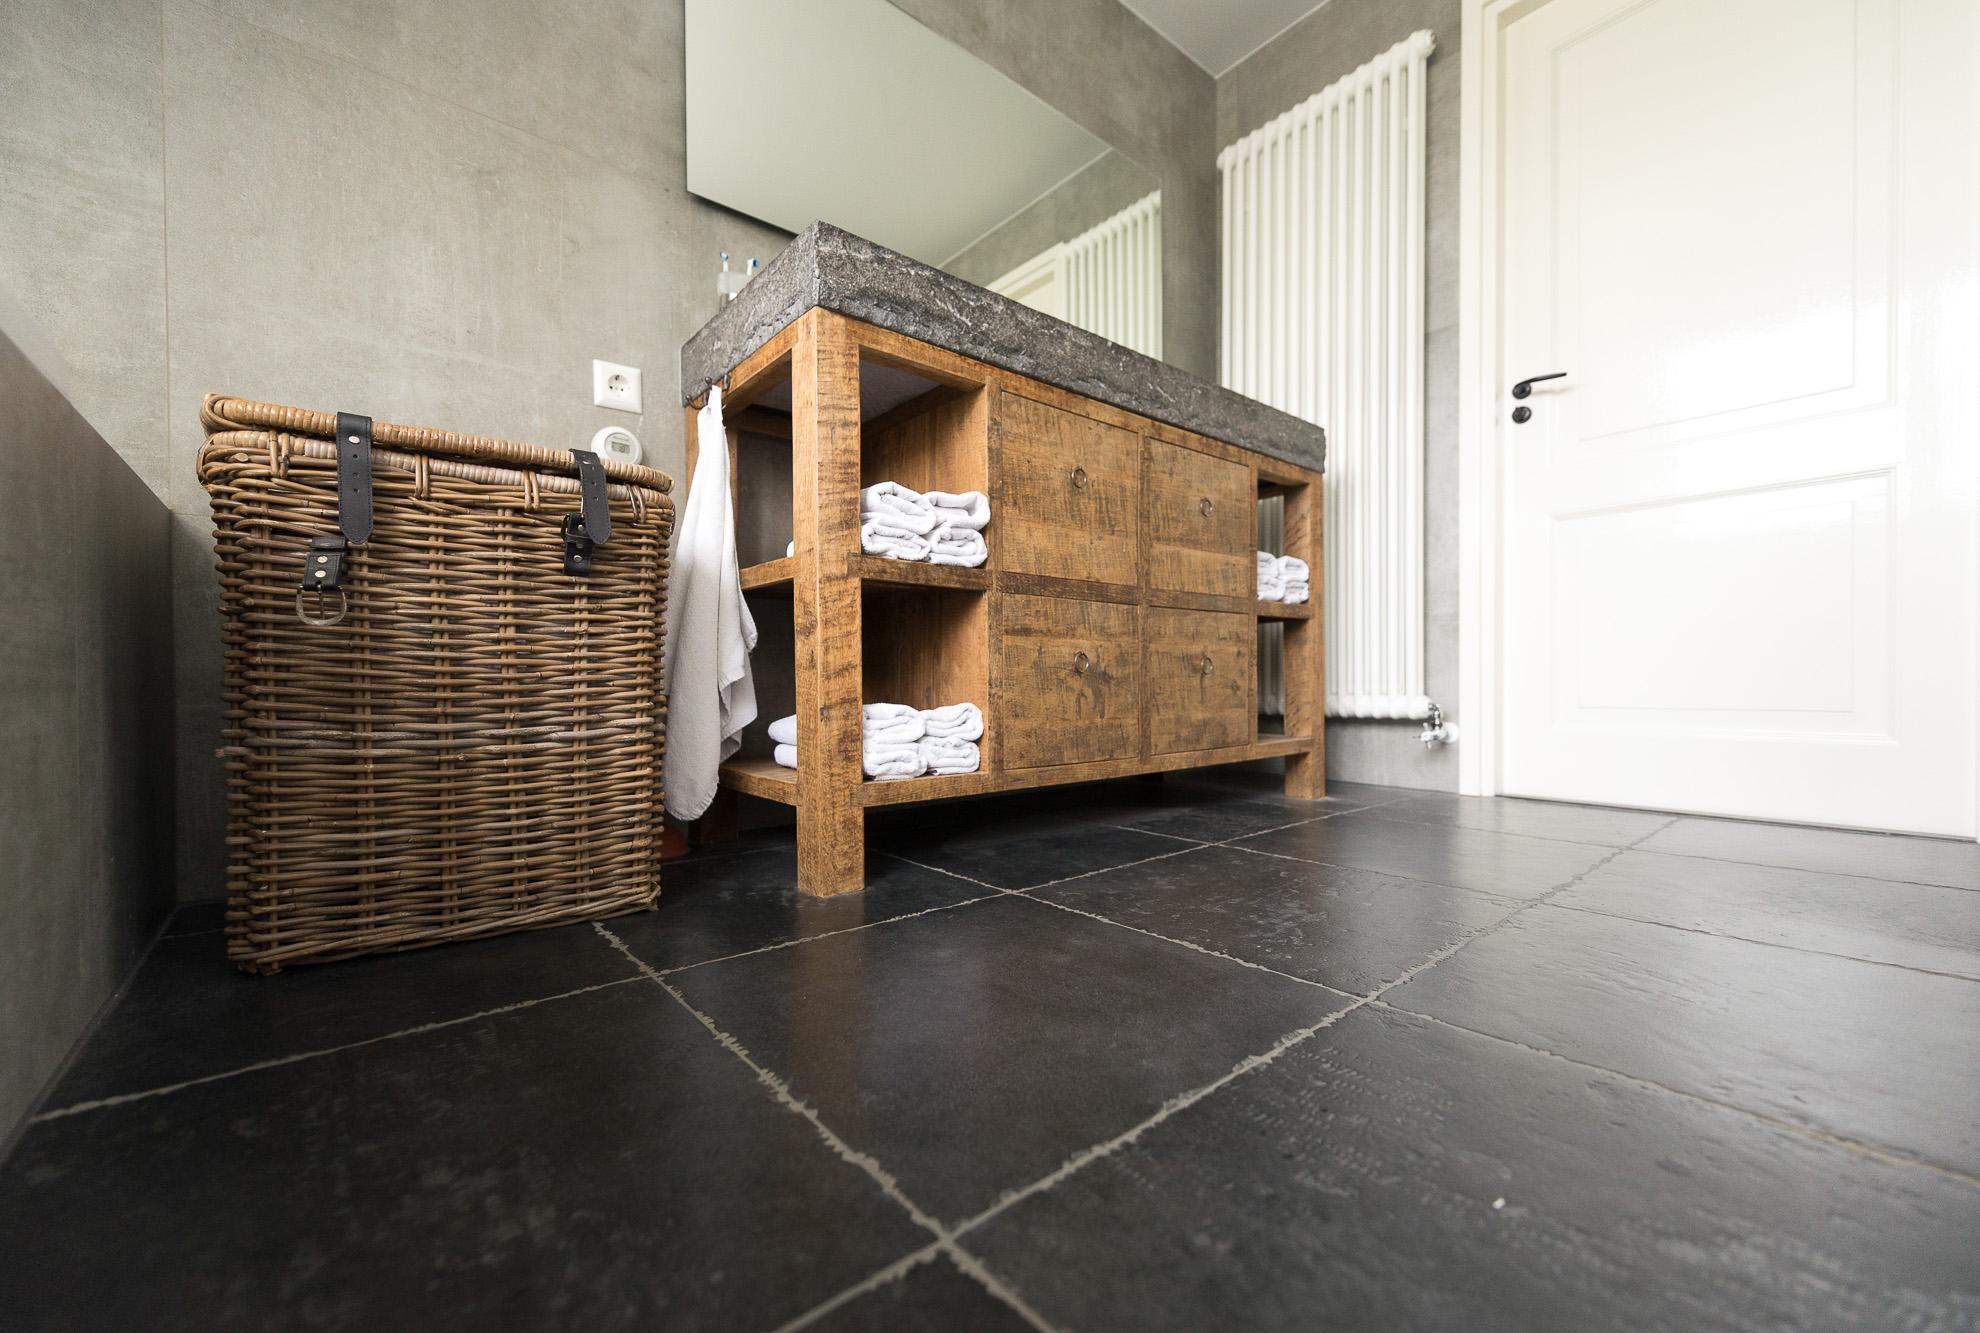 Badkamer Showroom Nijkerk : Betonlook tegels badkamer nijkerk ouwendorp tegels